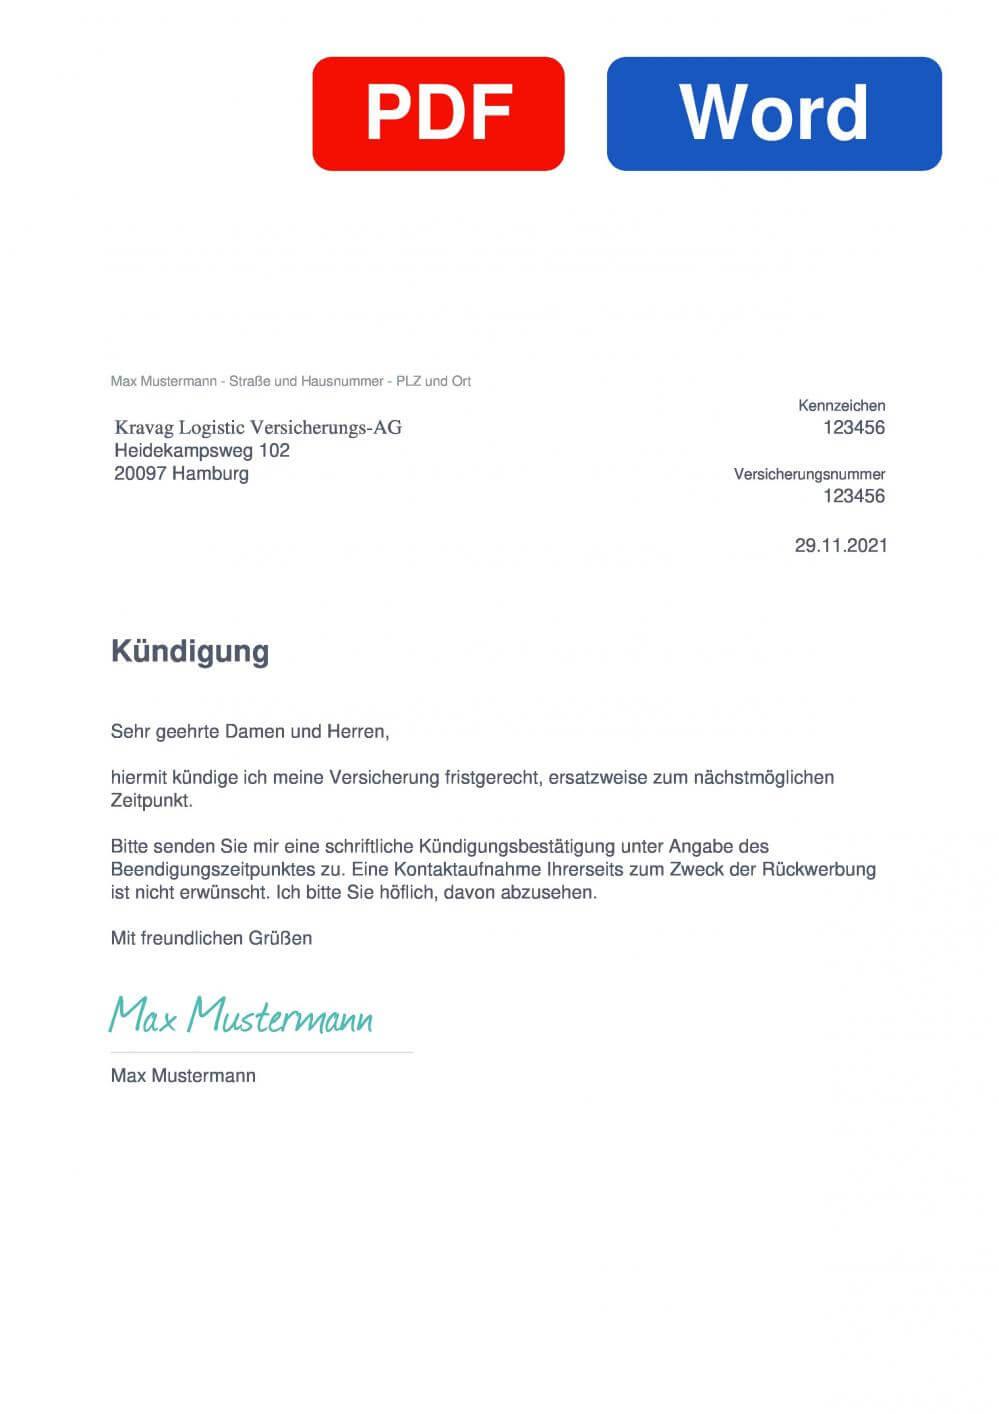 KRAVAG Logistik KFZ-Versicherung Muster Vorlage für Kündigungsschreiben